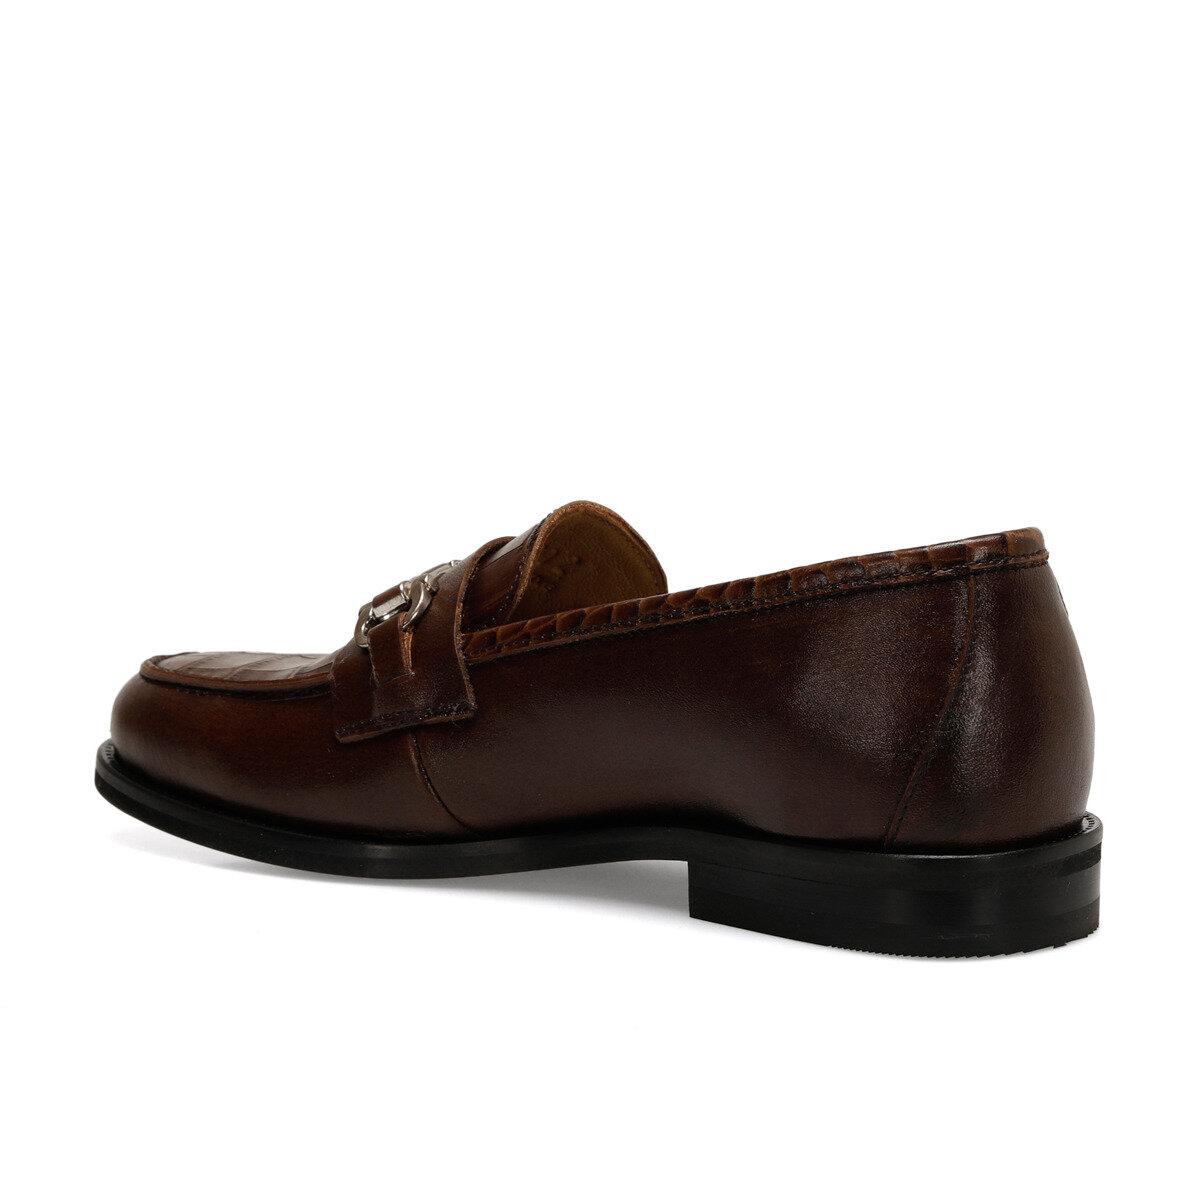 GERA Taba Kadın Loafer Ayakkabı